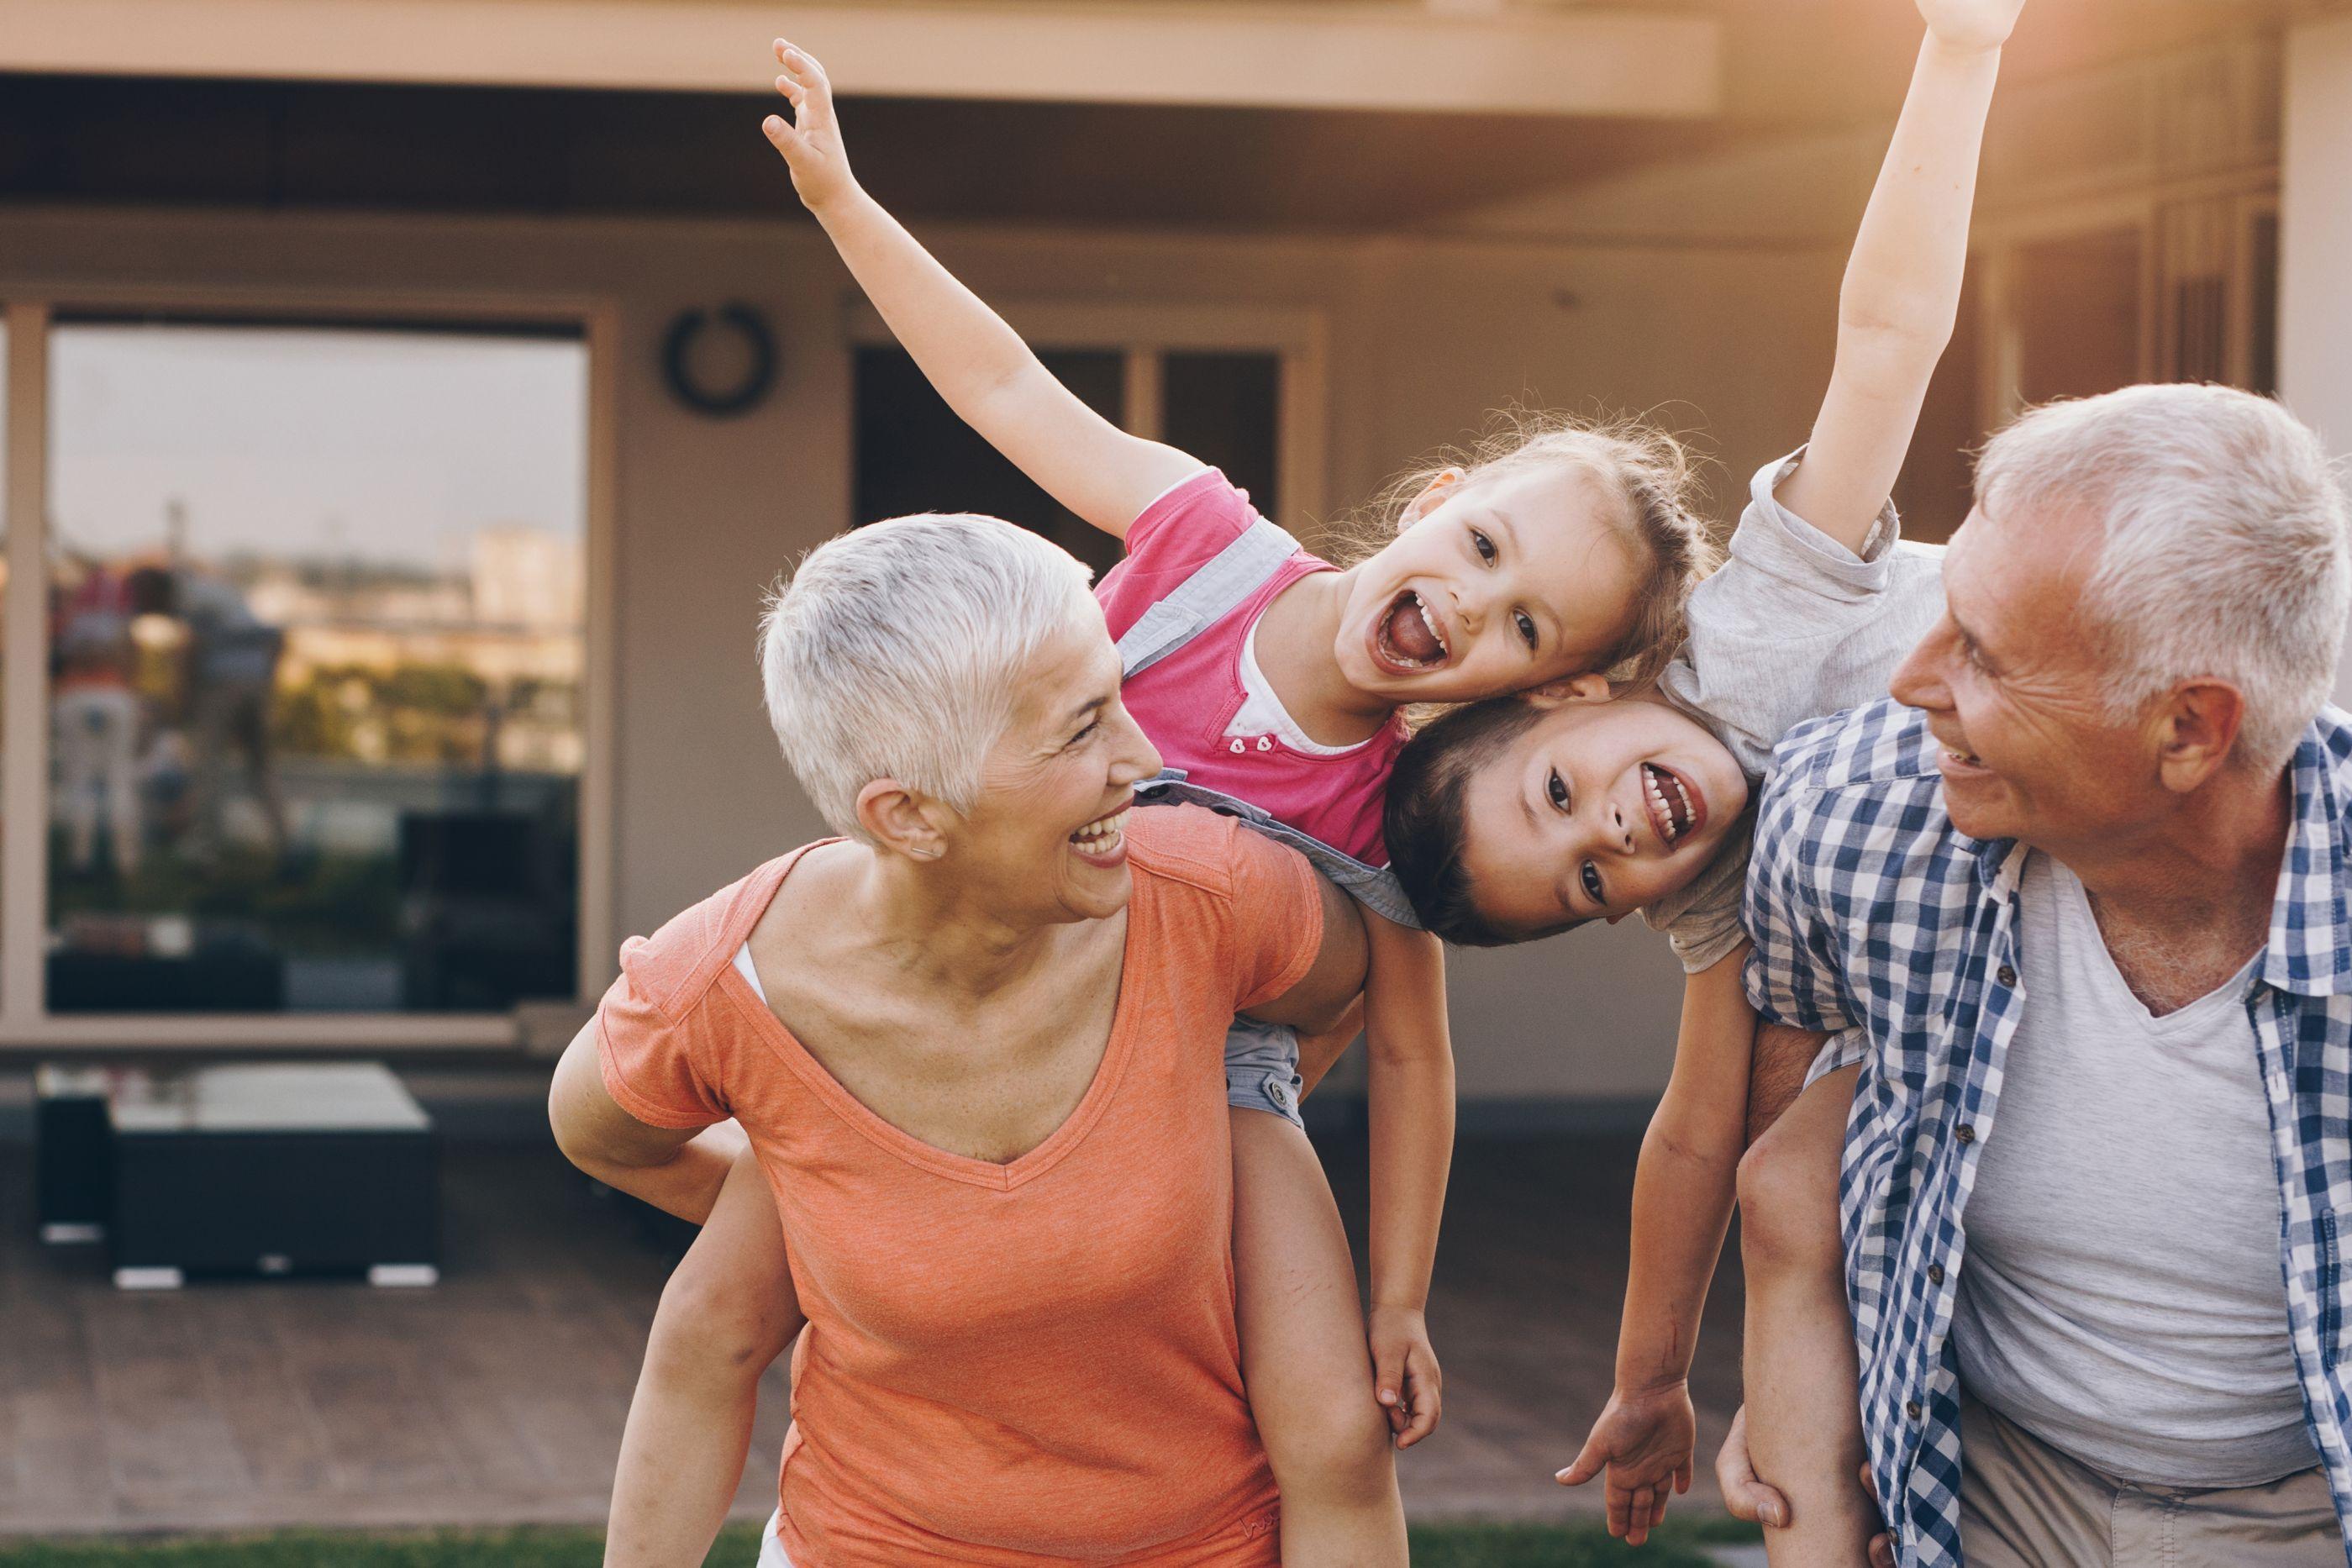 Avós prejudicam o comportamento e saúde dos netos, indica estudo polémico